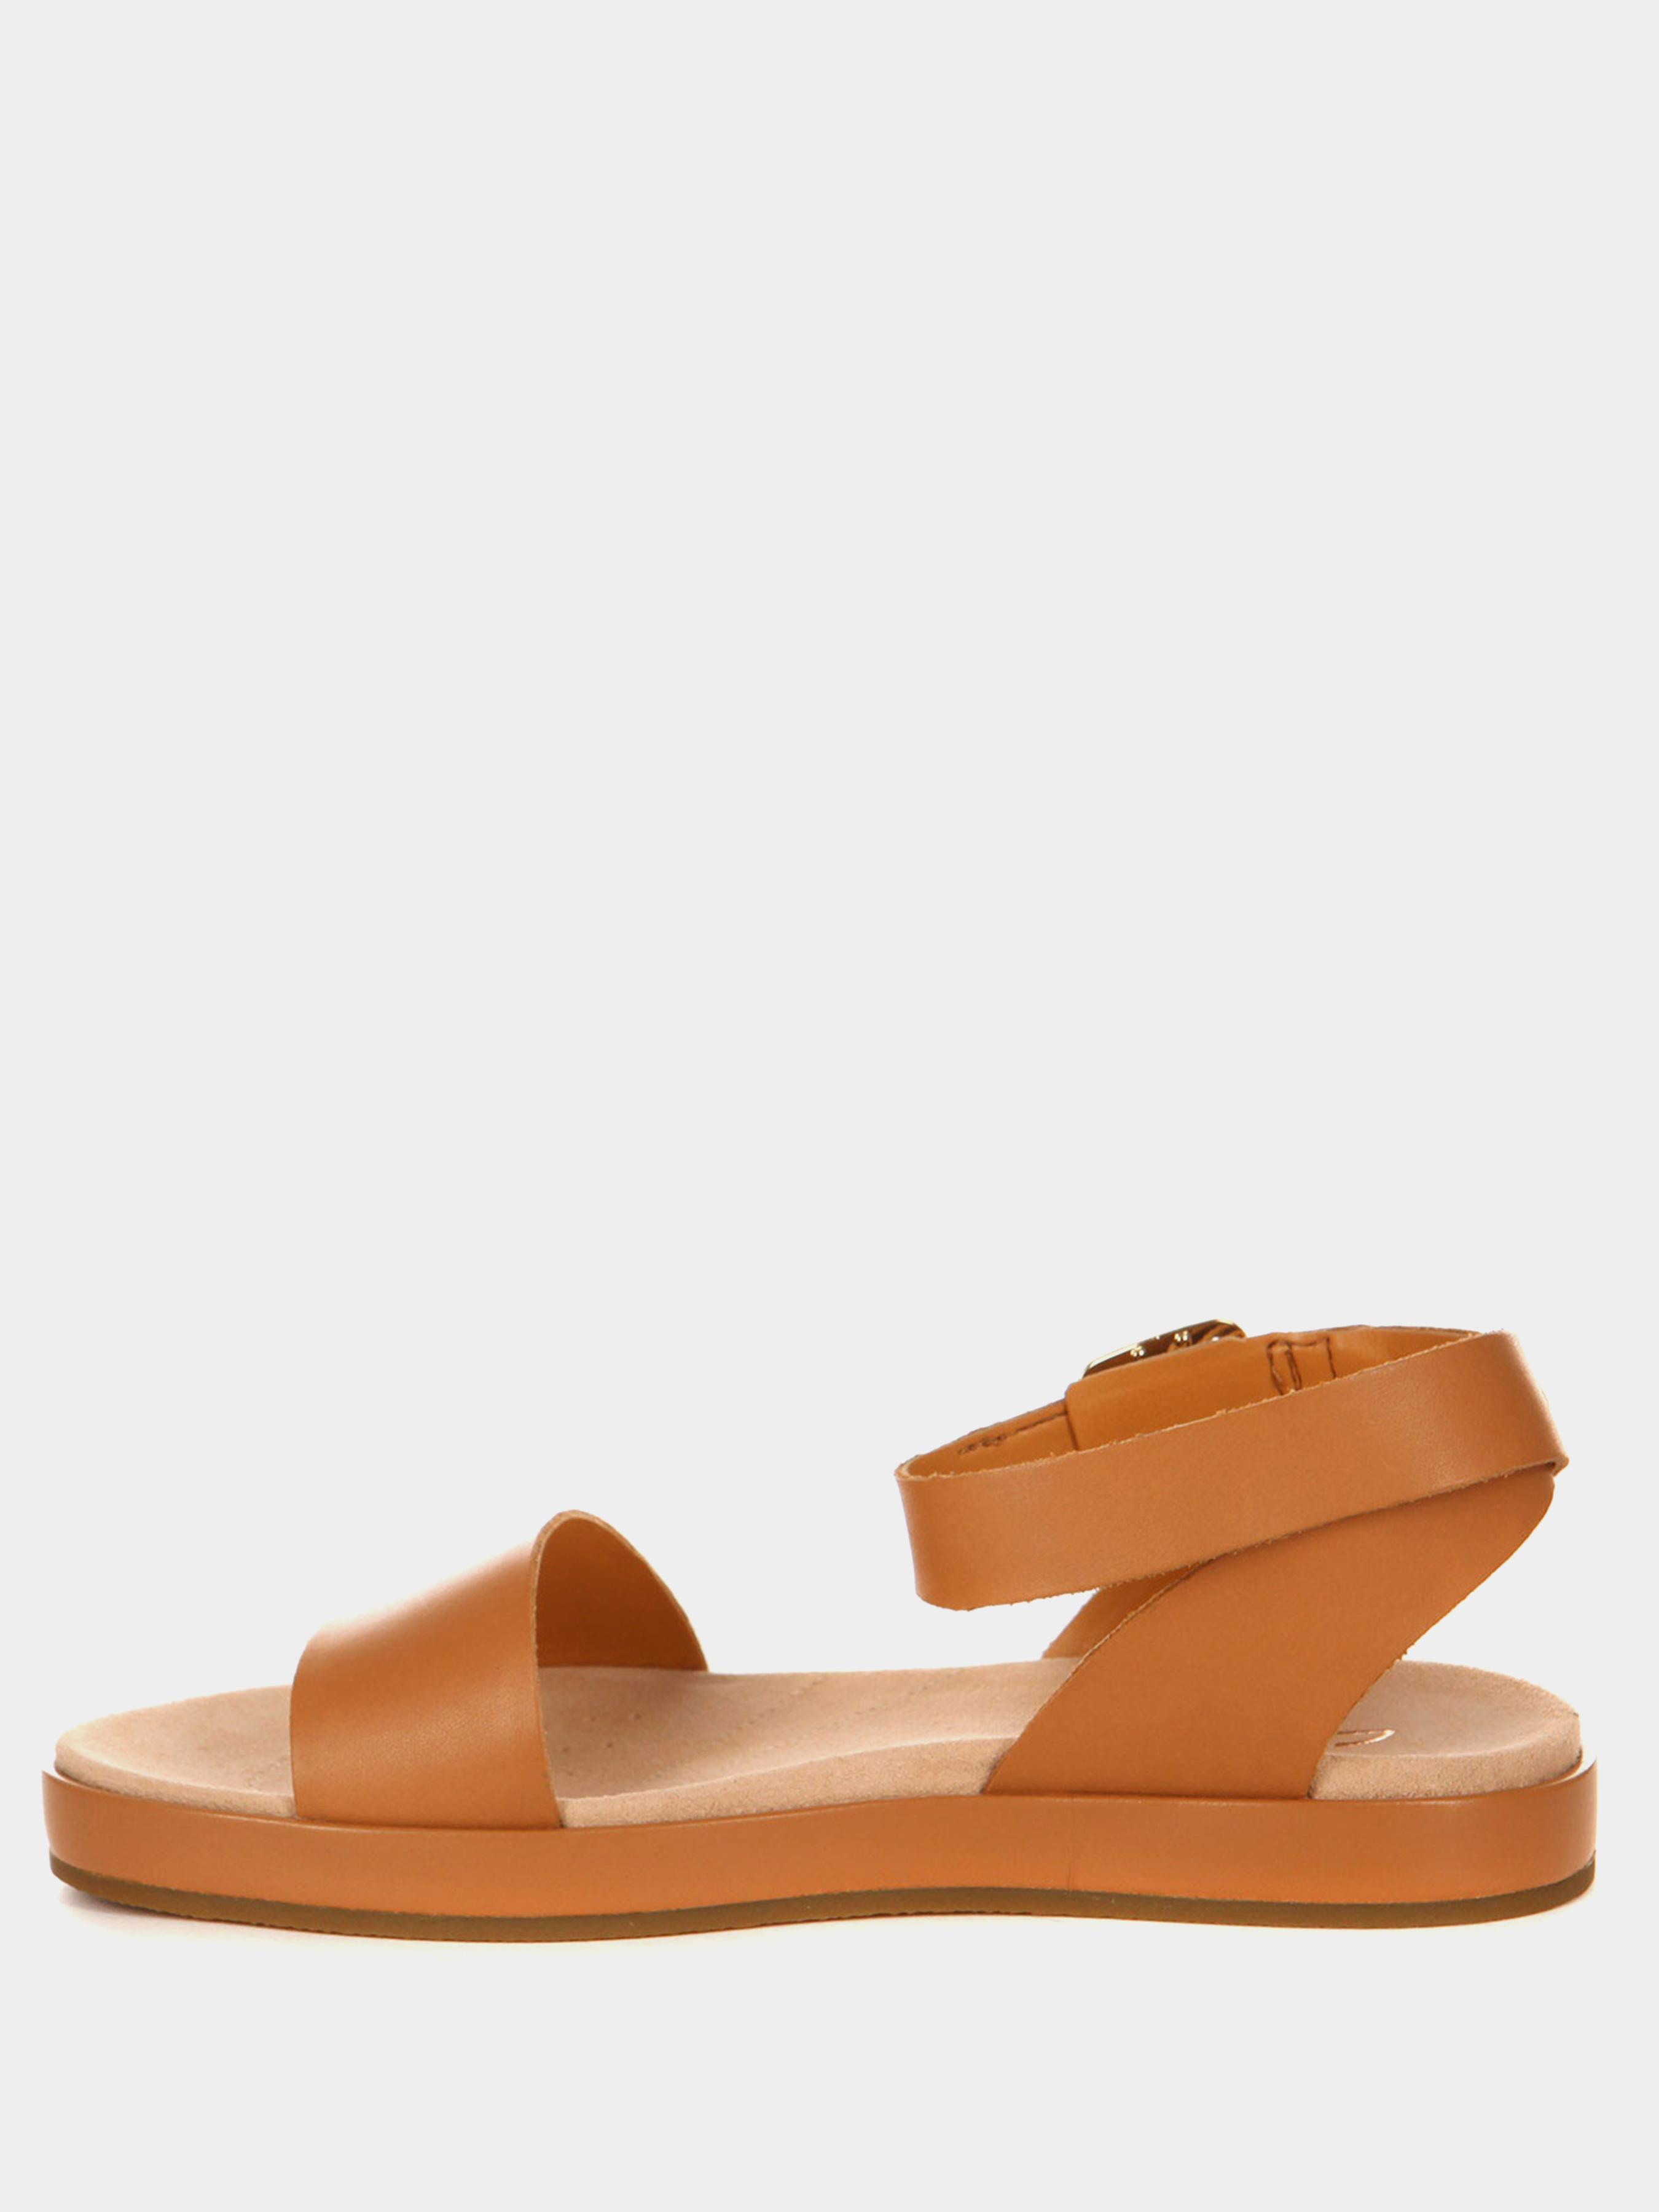 Сандалии женские Clarks Botanic Ivy OW4354 купить обувь, 2017